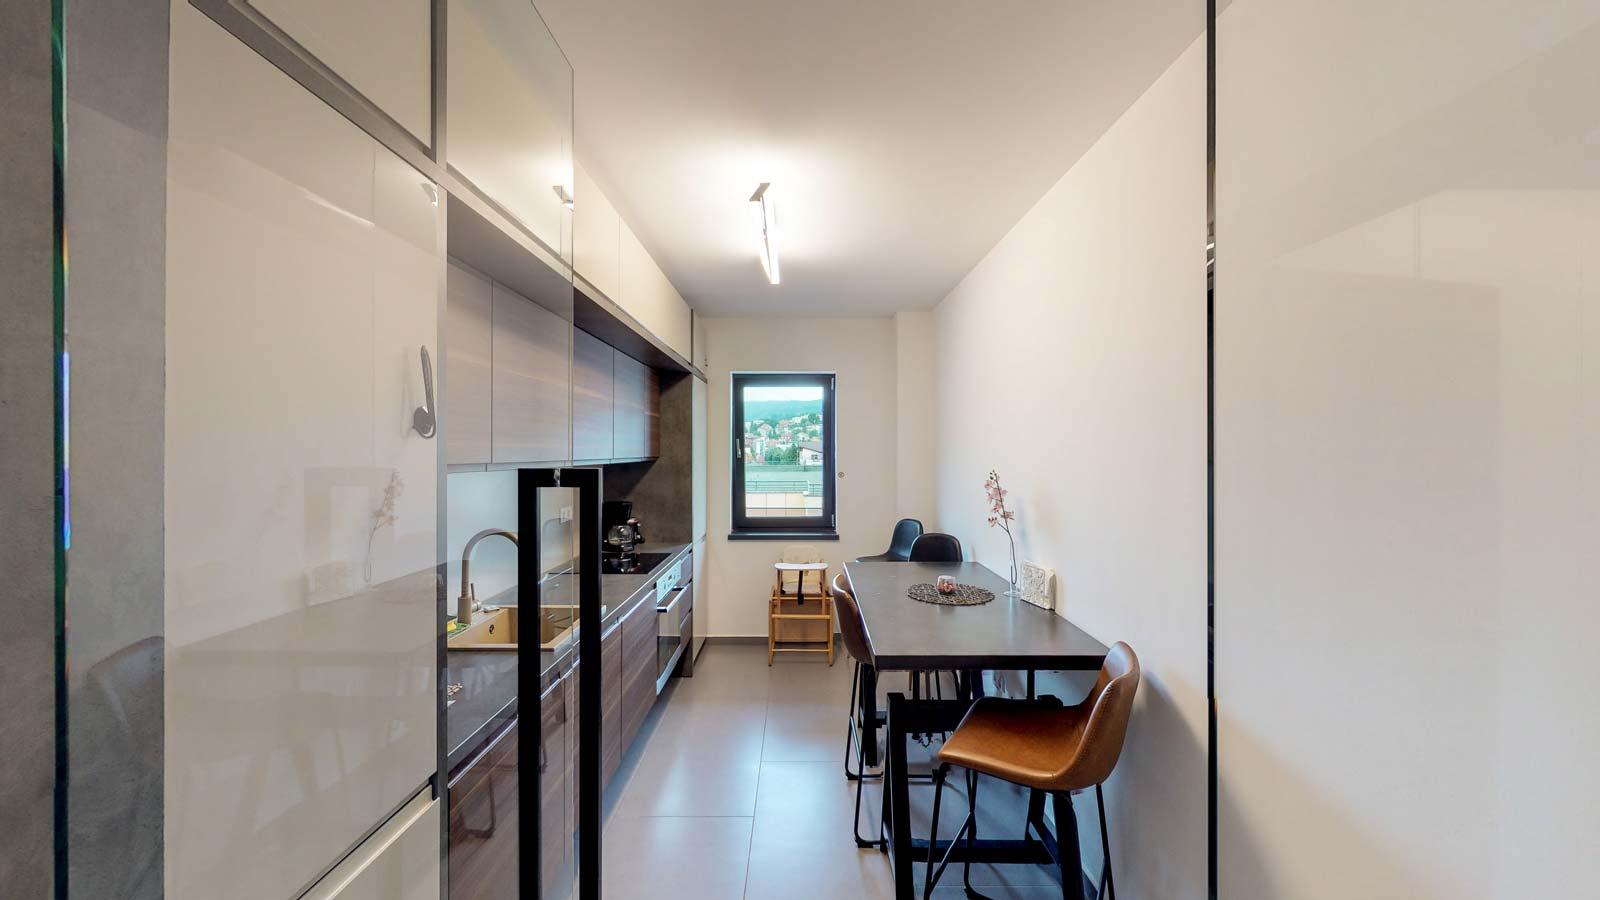 Bucătărie mobilată folosindu-se culori neutre, preponderent gri